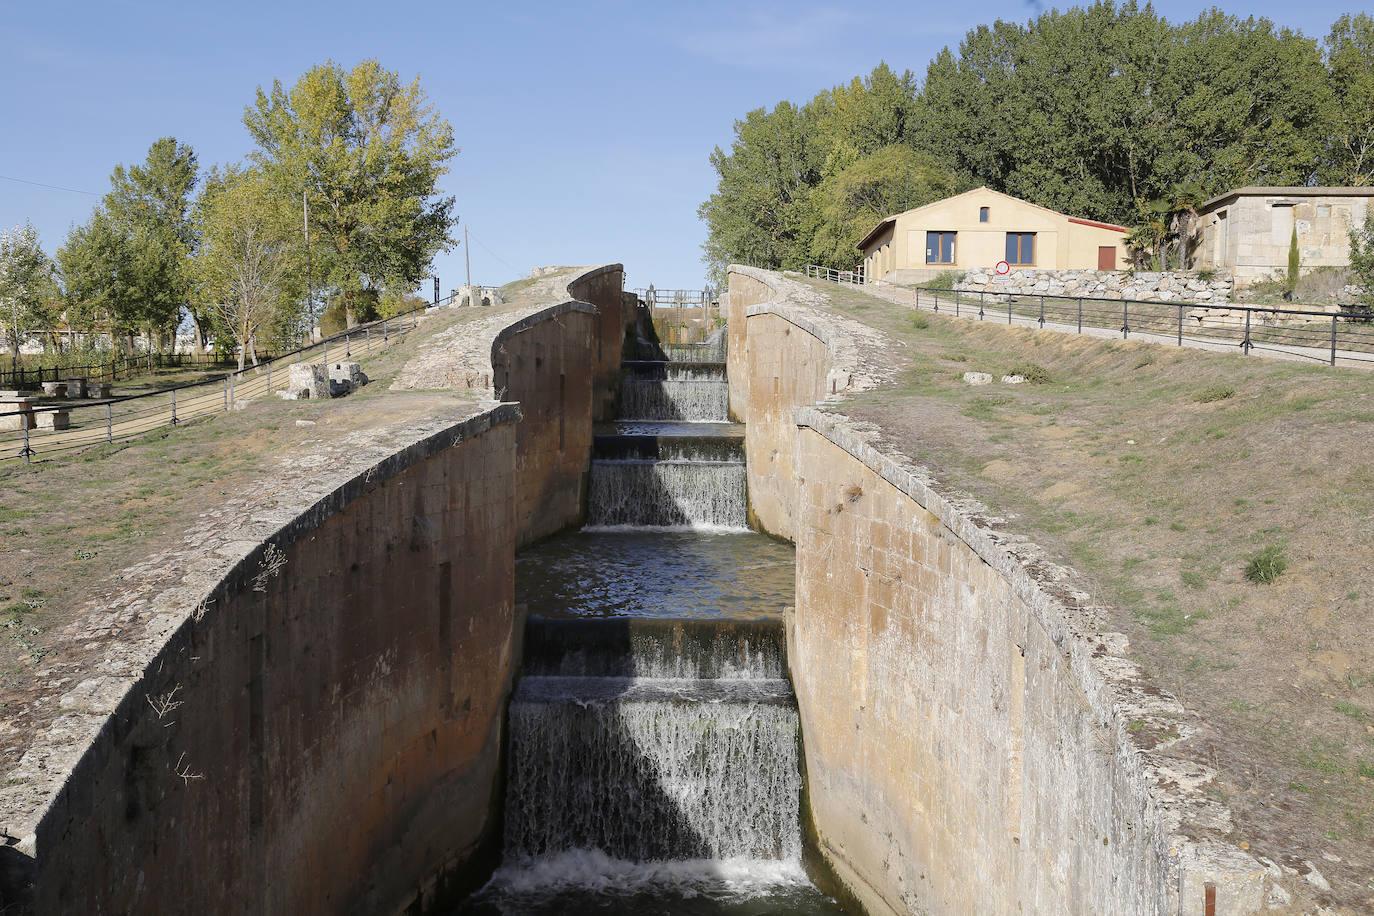 El Canal de Castilla: de vía de comunicación a reclamo turístico en un siglo de propiedad estatal